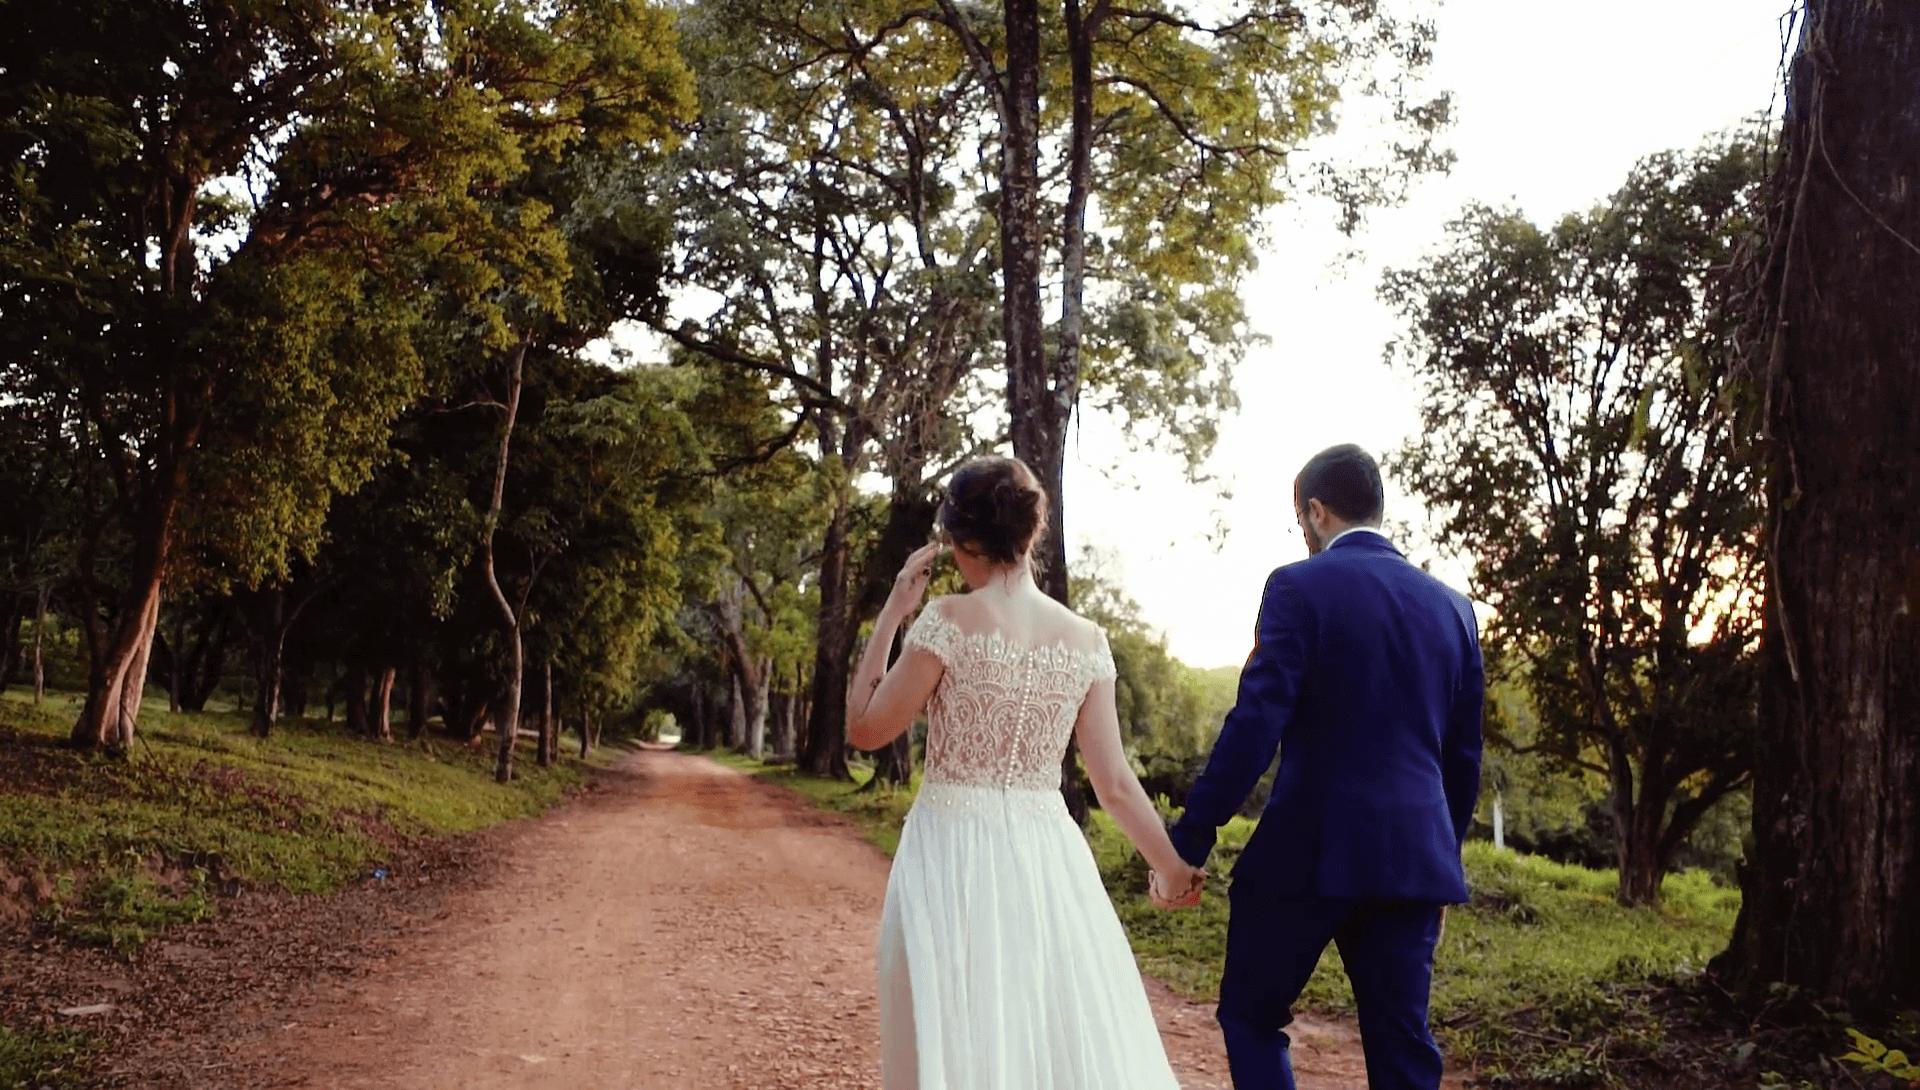 casamento-de-dia-fazenda-vassoural-itu-sp (1)